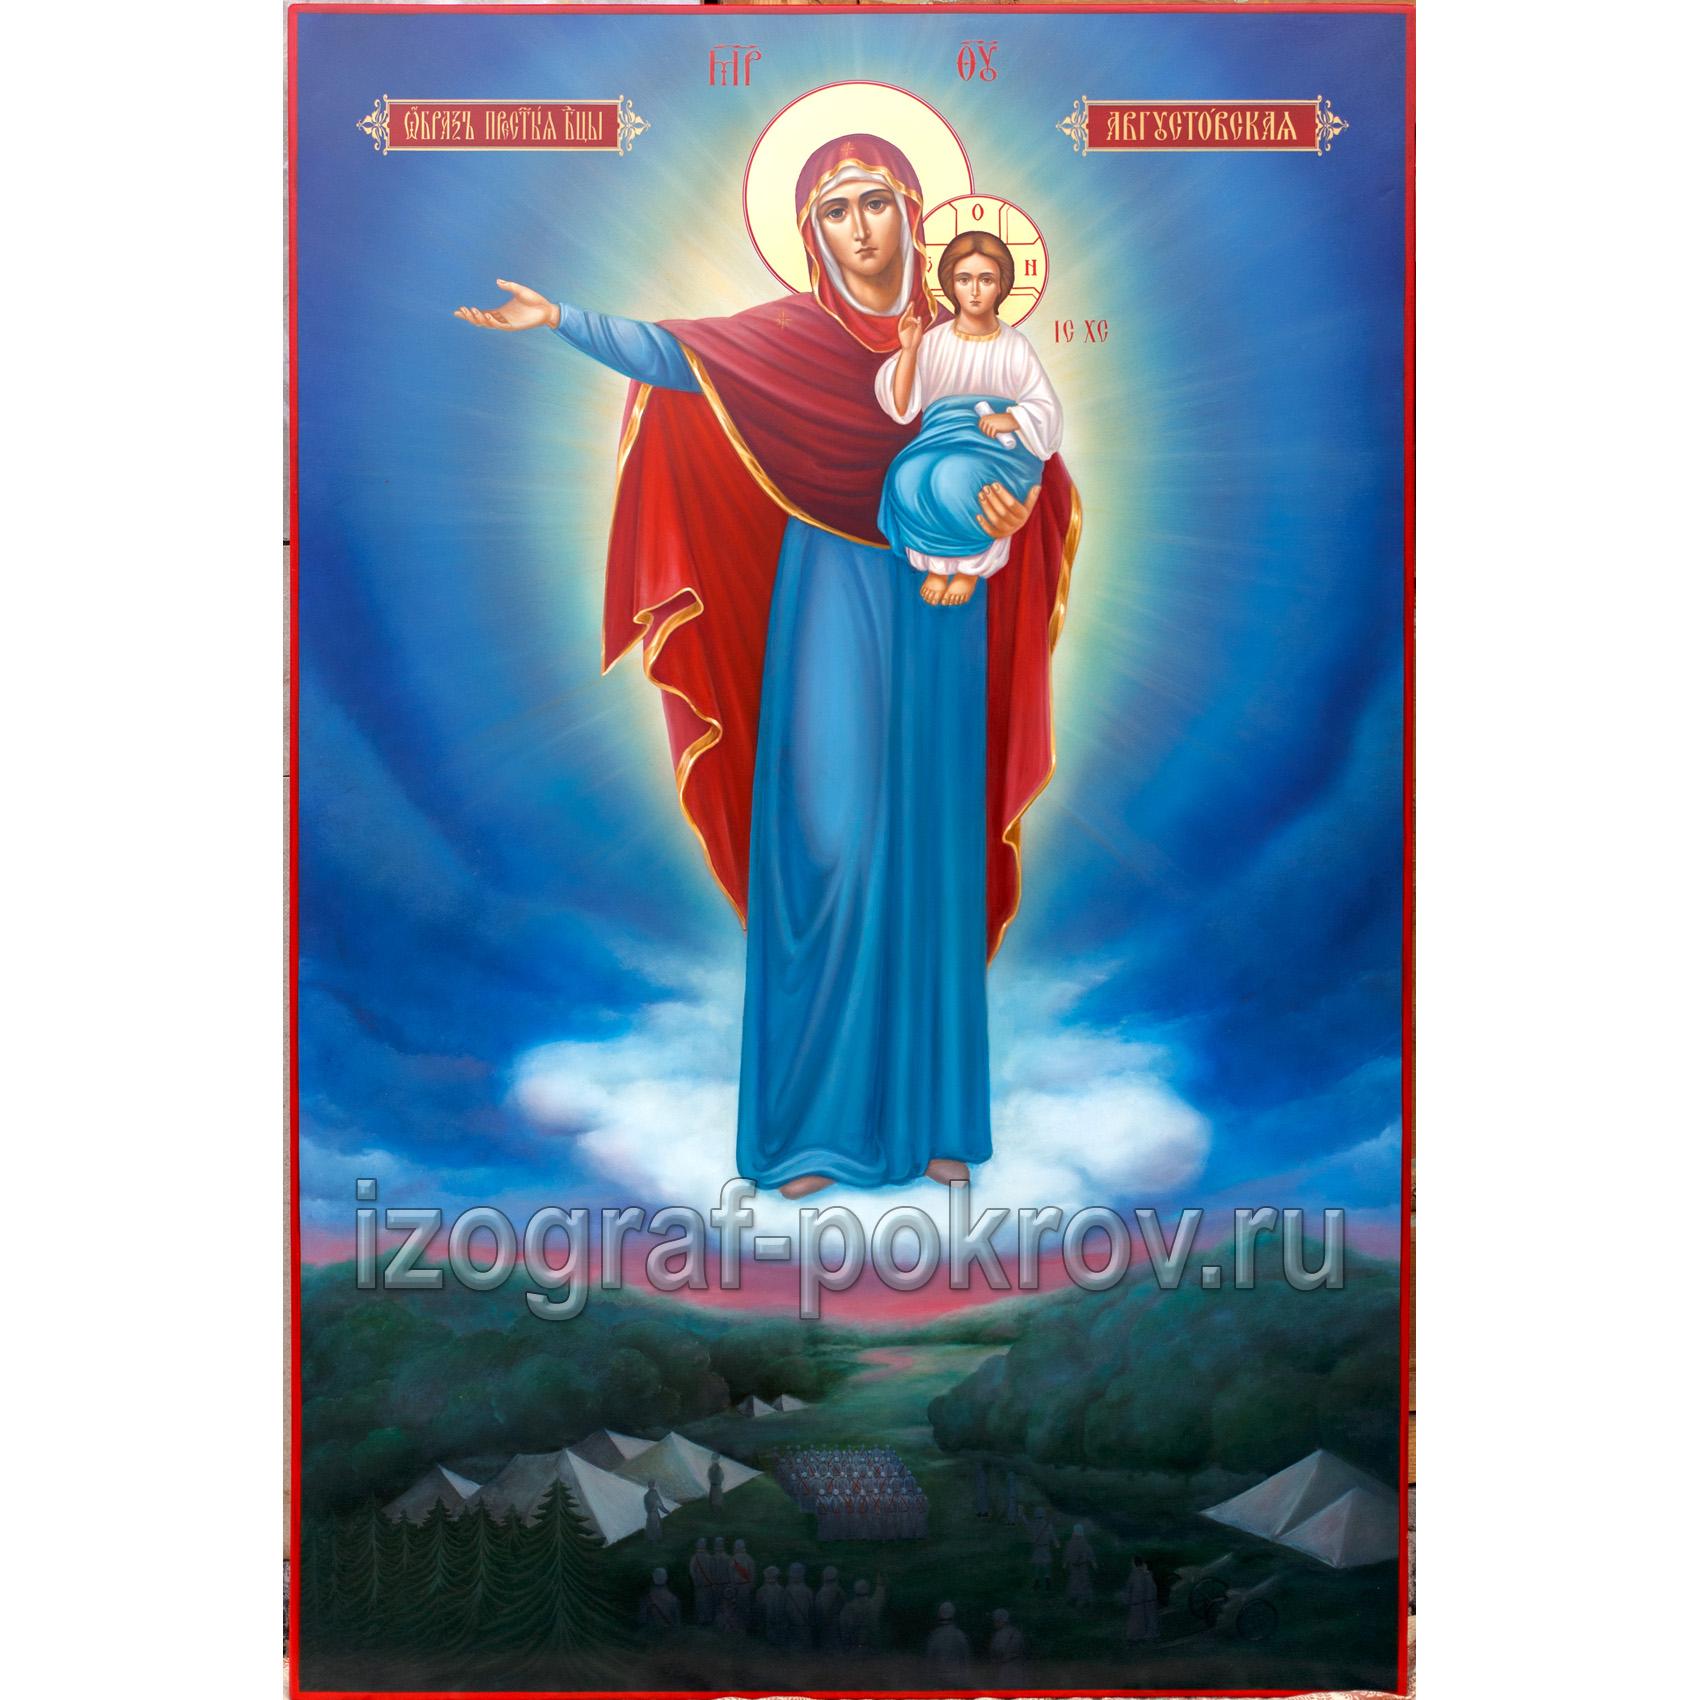 Икона образ Августовской Божией Матери